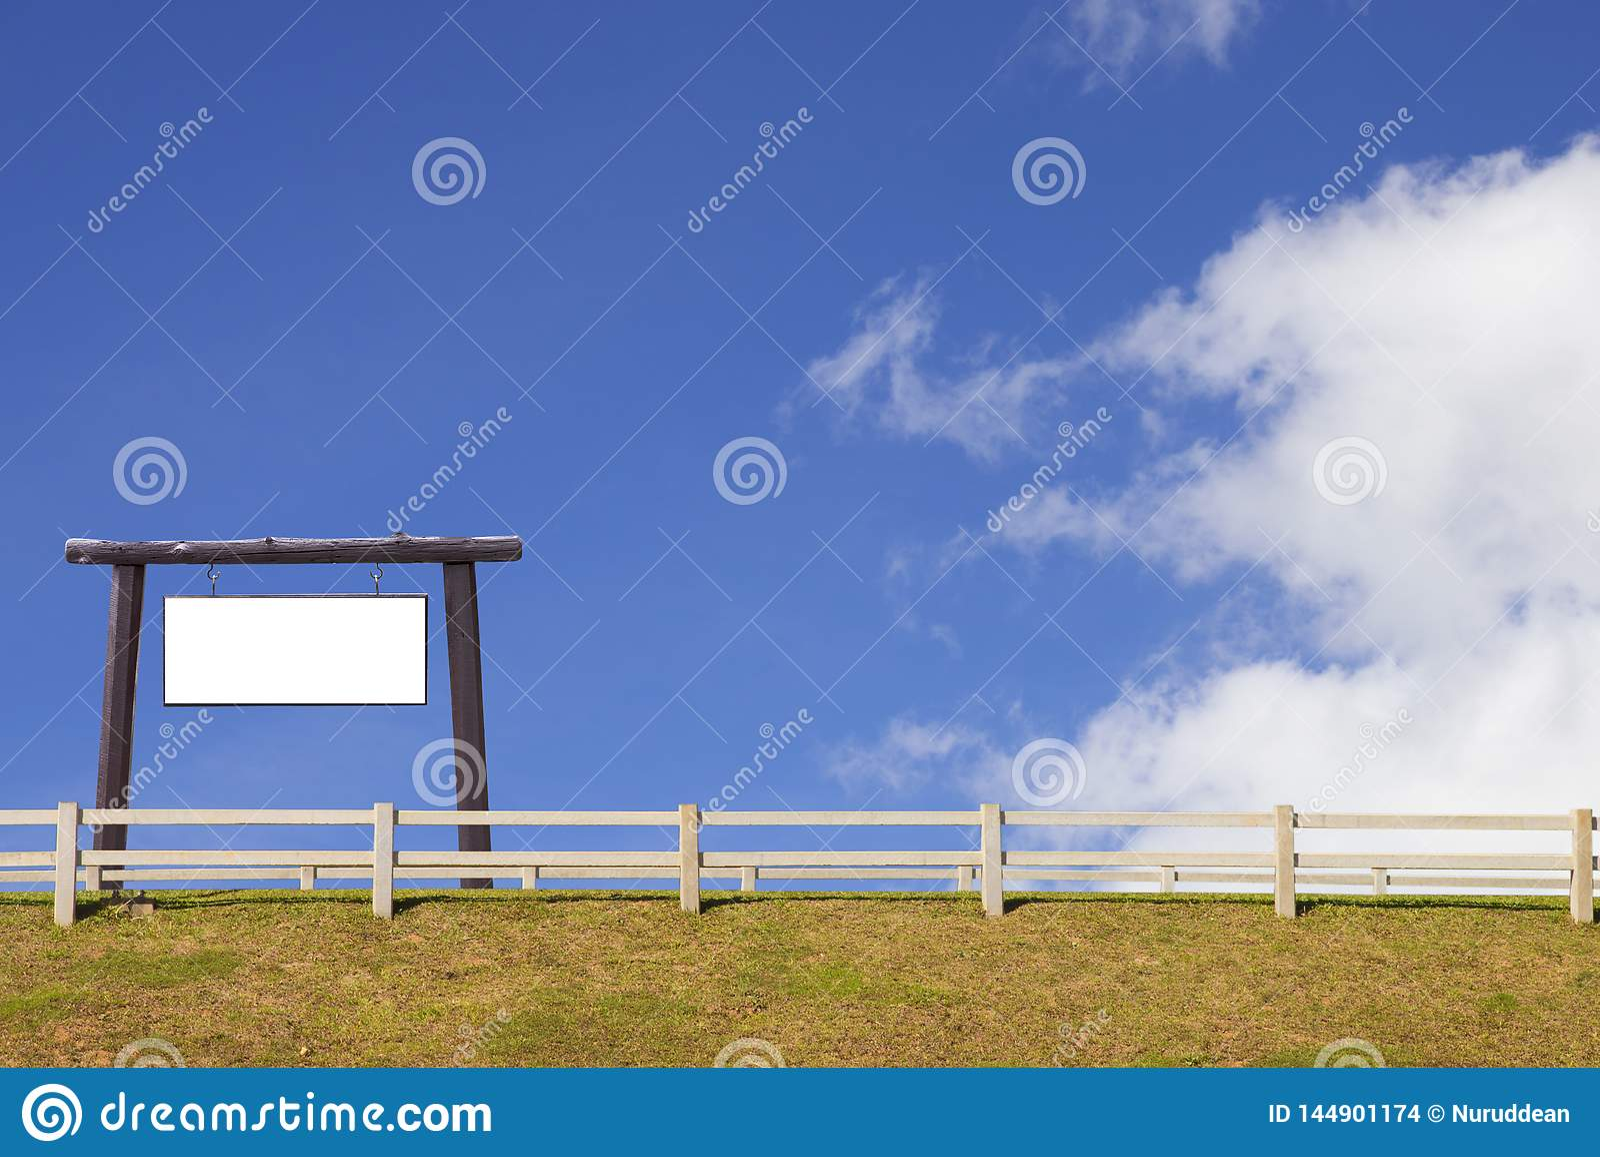 Enseigne et barrière en bois avec l herbe et le ciel bleu